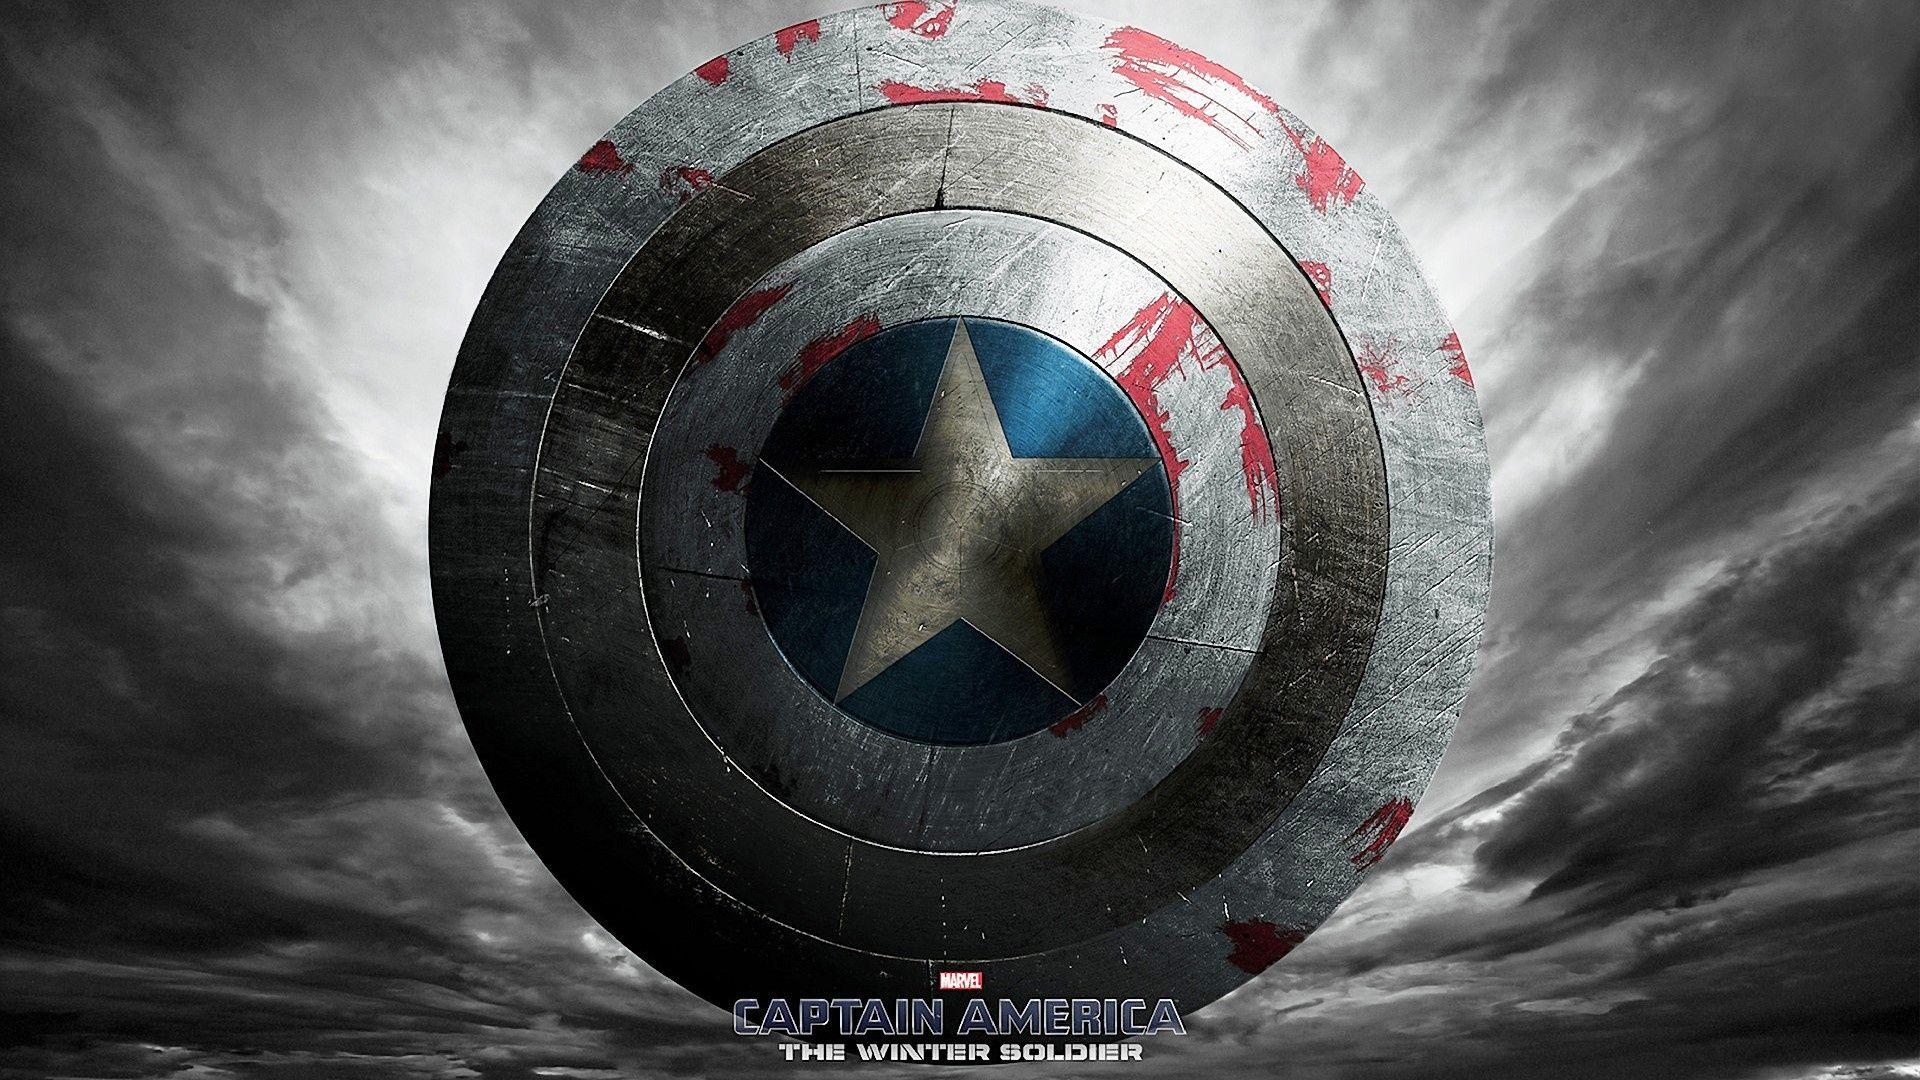 captain america hd wallpapers 1080p - wallpapersafari | images